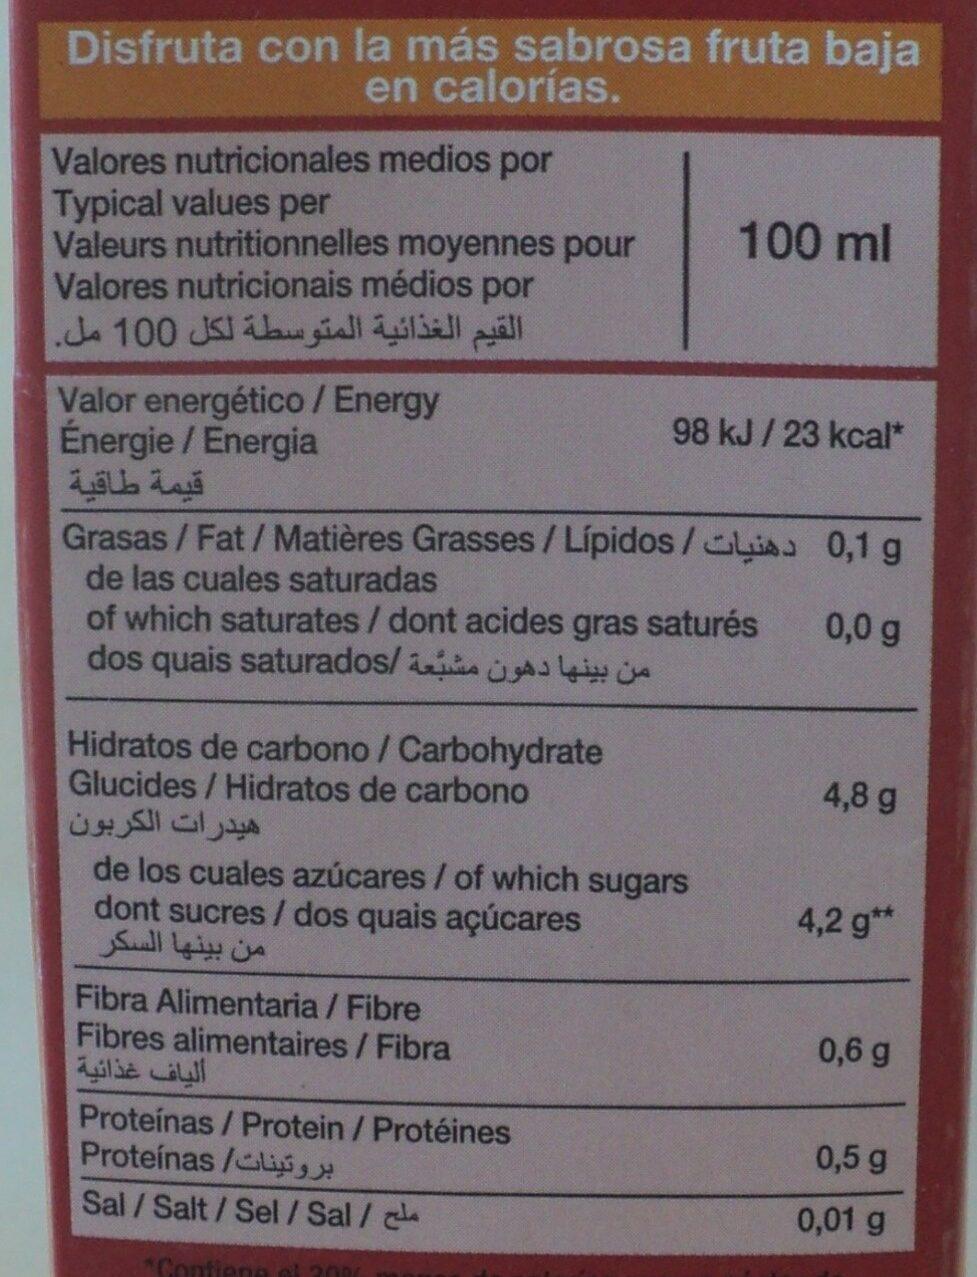 Disfruta nectar de piersici - Información nutricional